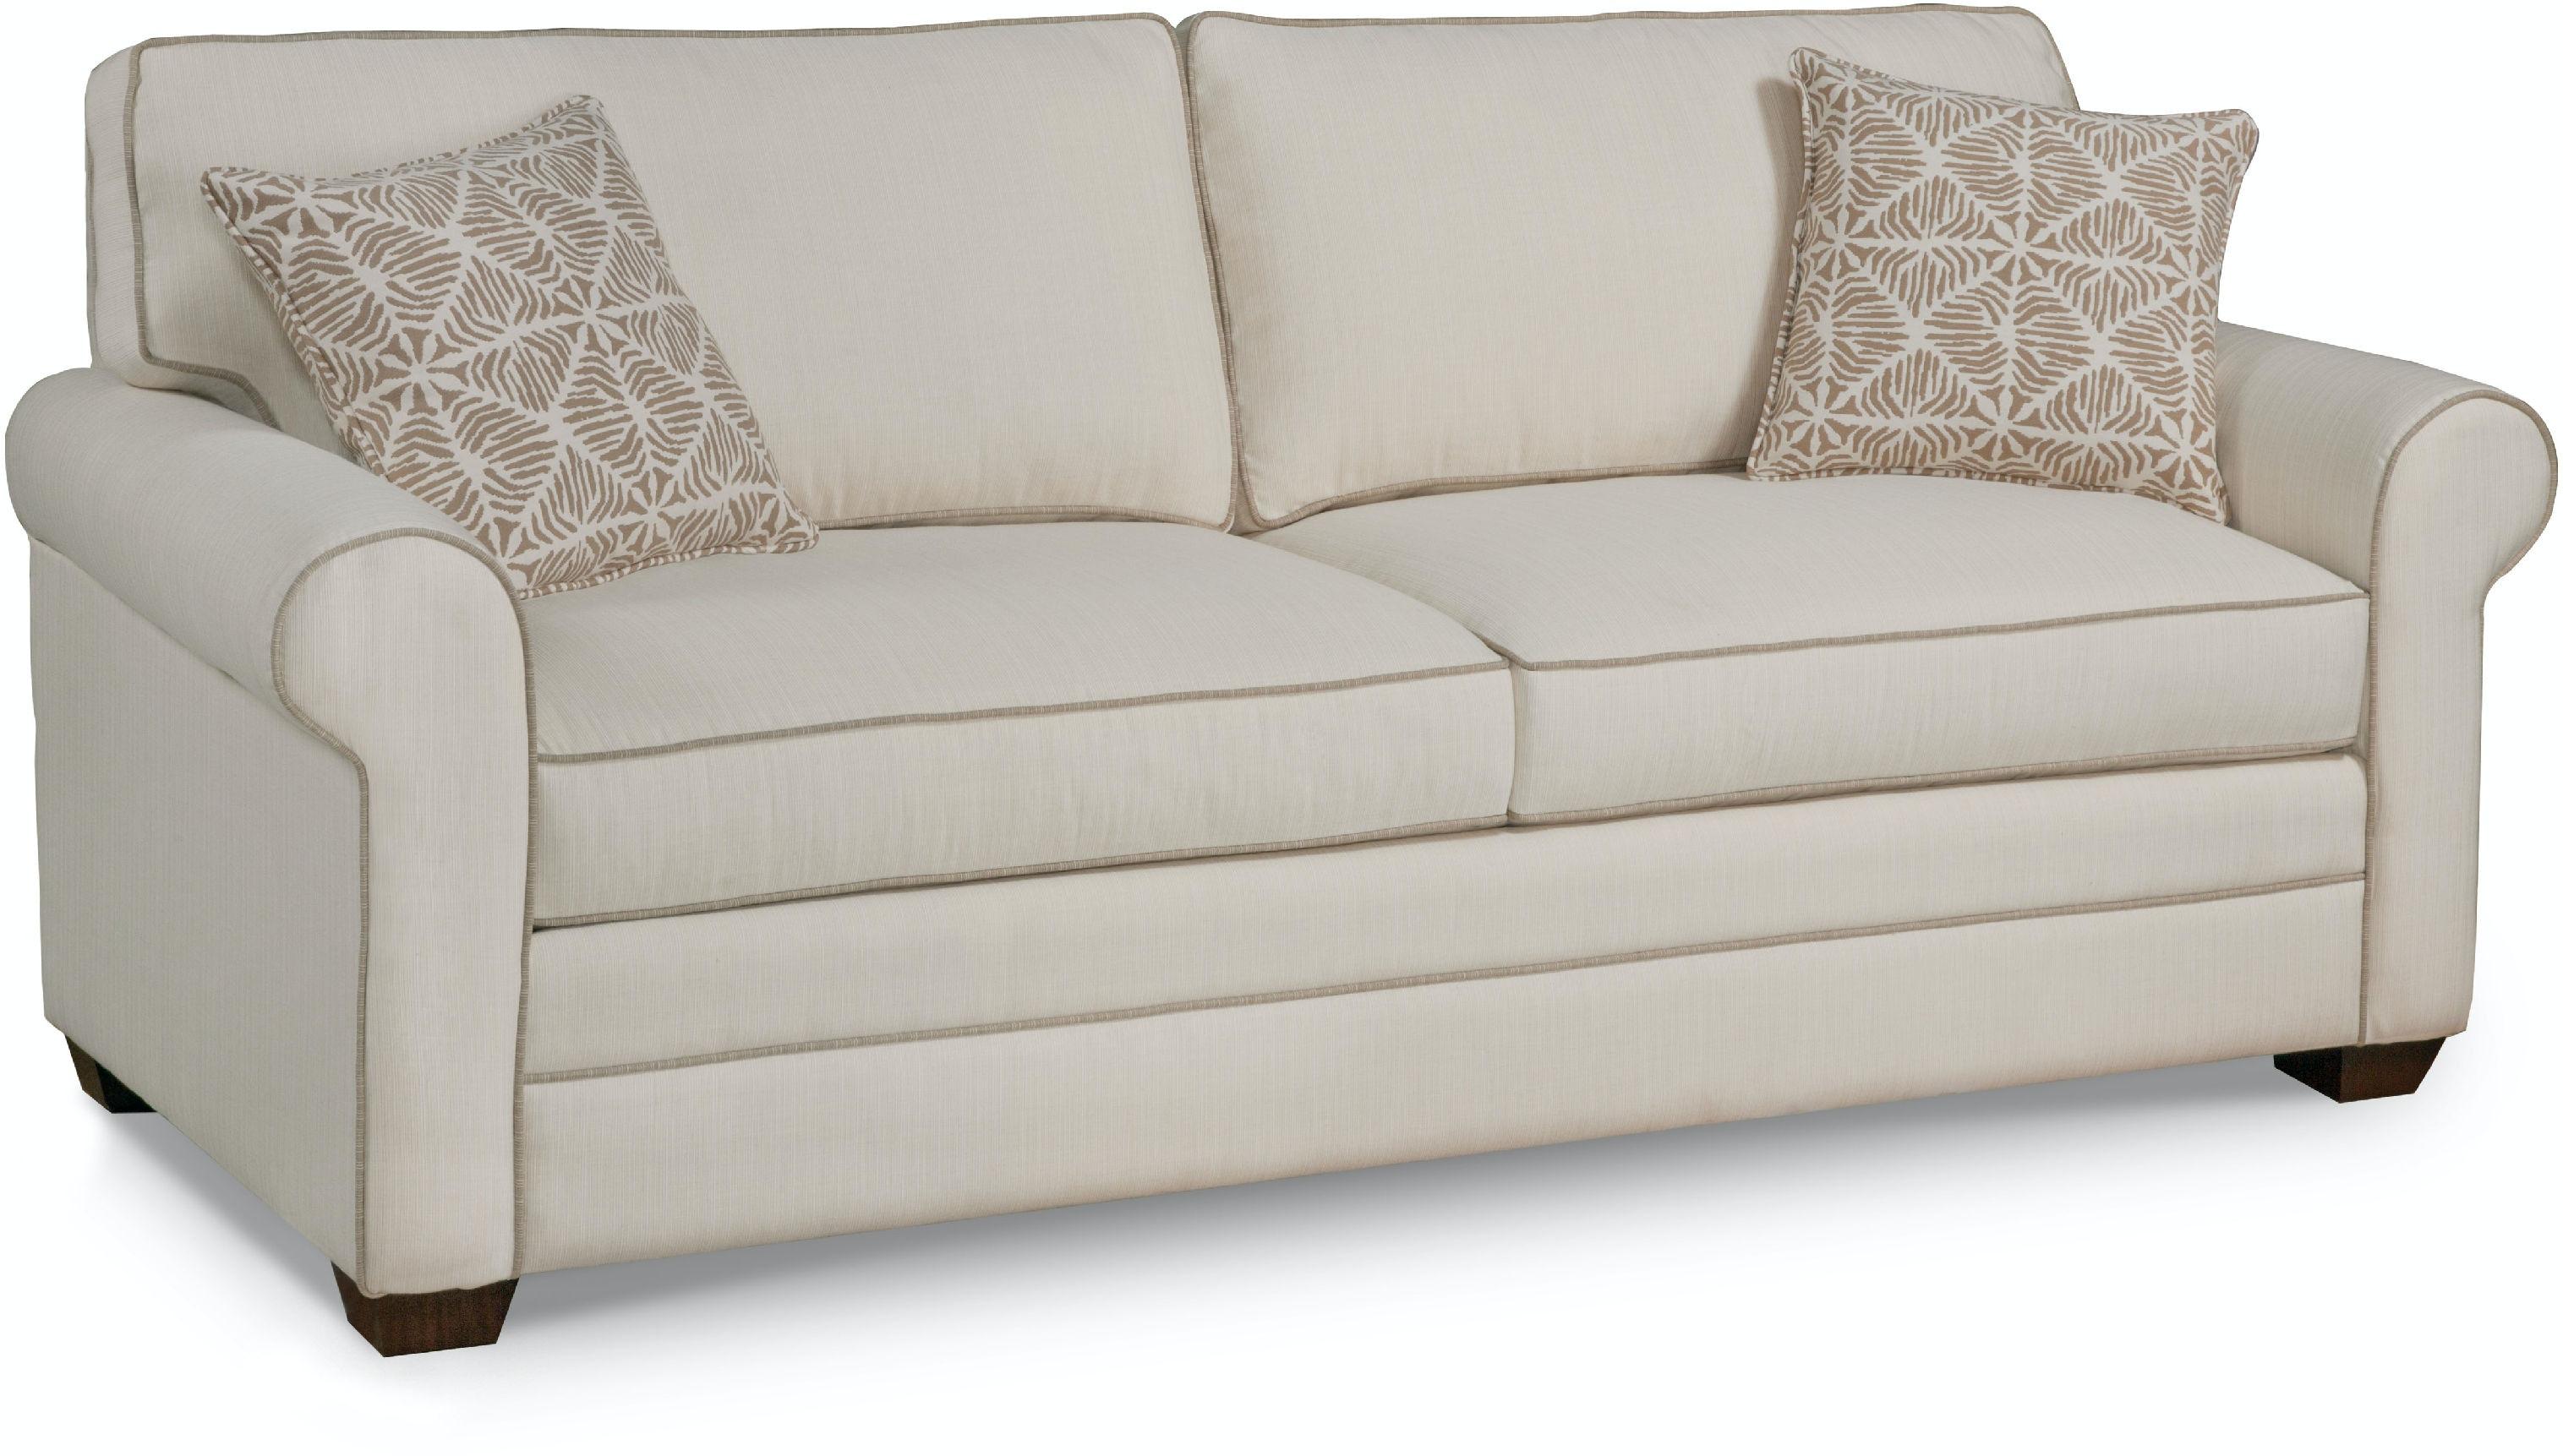 Sofa Loft braxton culler living room bedford loft sofa 728 010 braxton